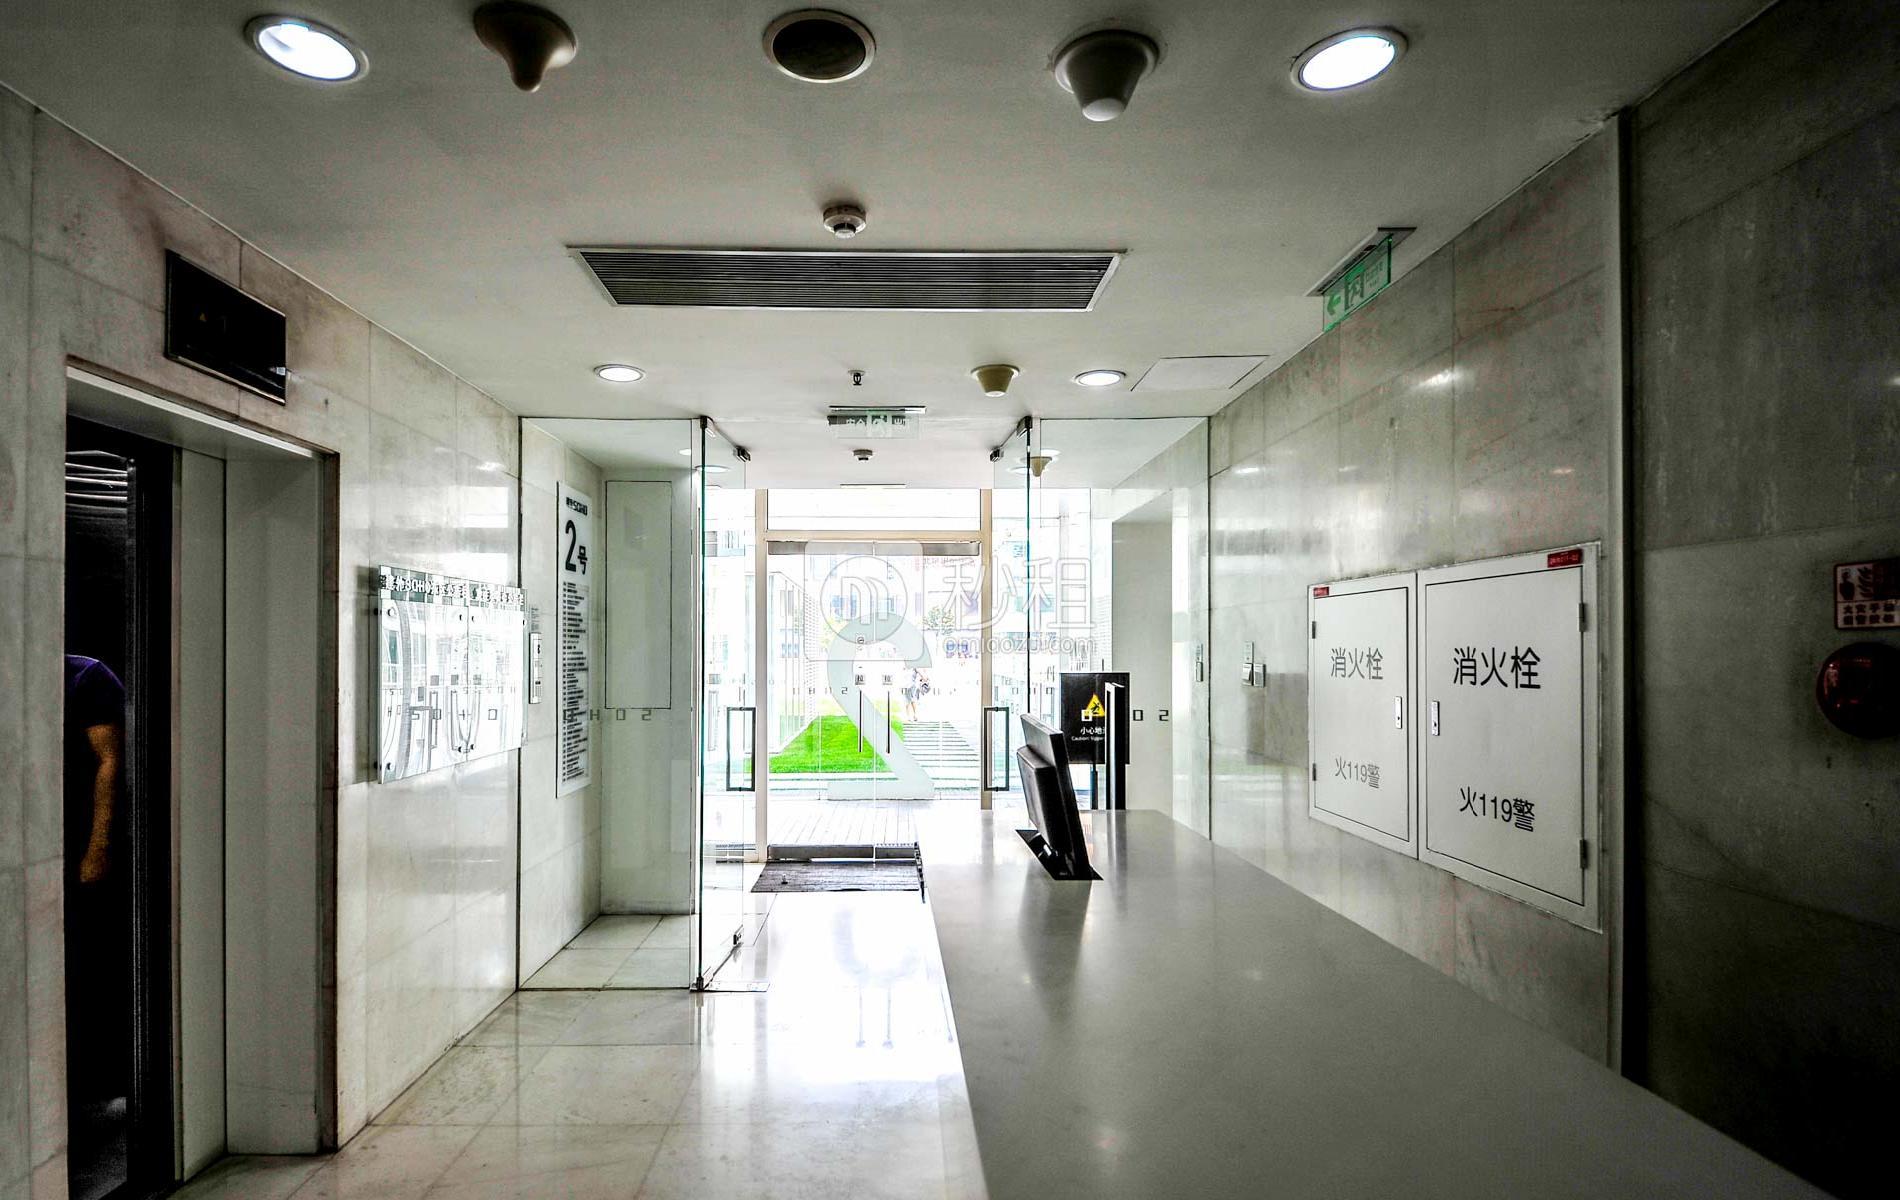 建外SOHO写字楼出租/招租/租赁,建外SOHO办公室出租/招租/租赁